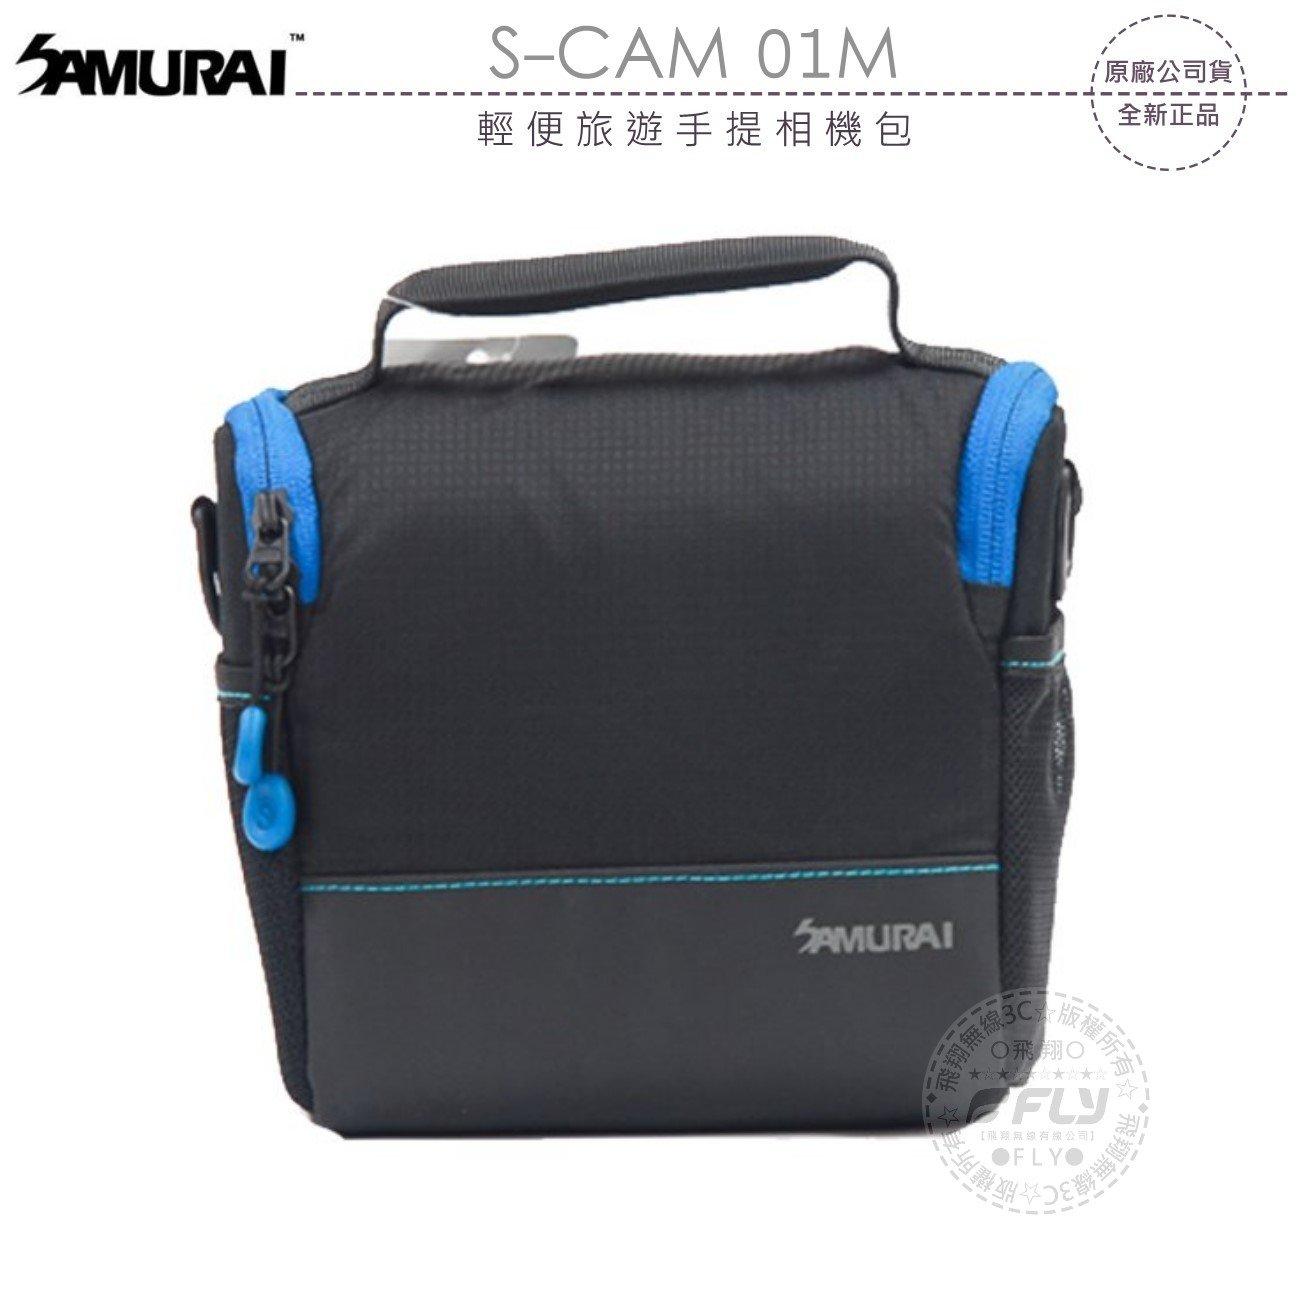 《飛翔無線3C》SAMURAI 新武士 S-CAM 01M 輕便旅遊手提相機包│公司貨│攝影收納袋 出遊攜帶包